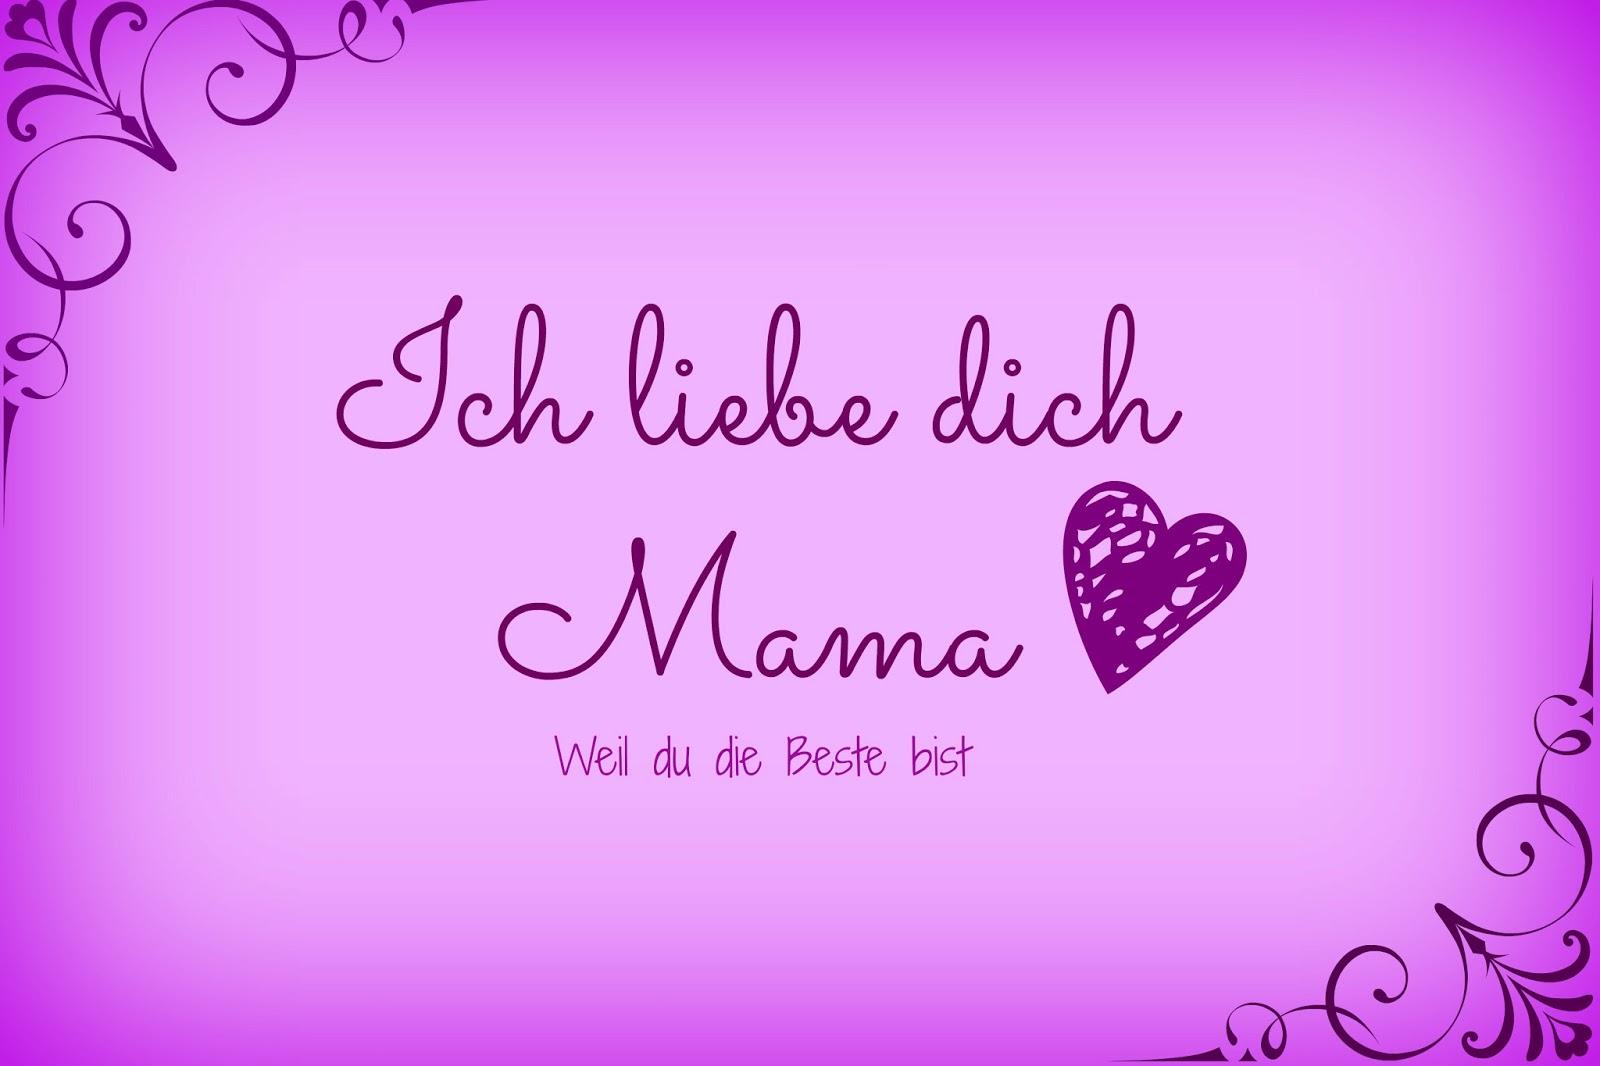 Mama ich willdich ficken